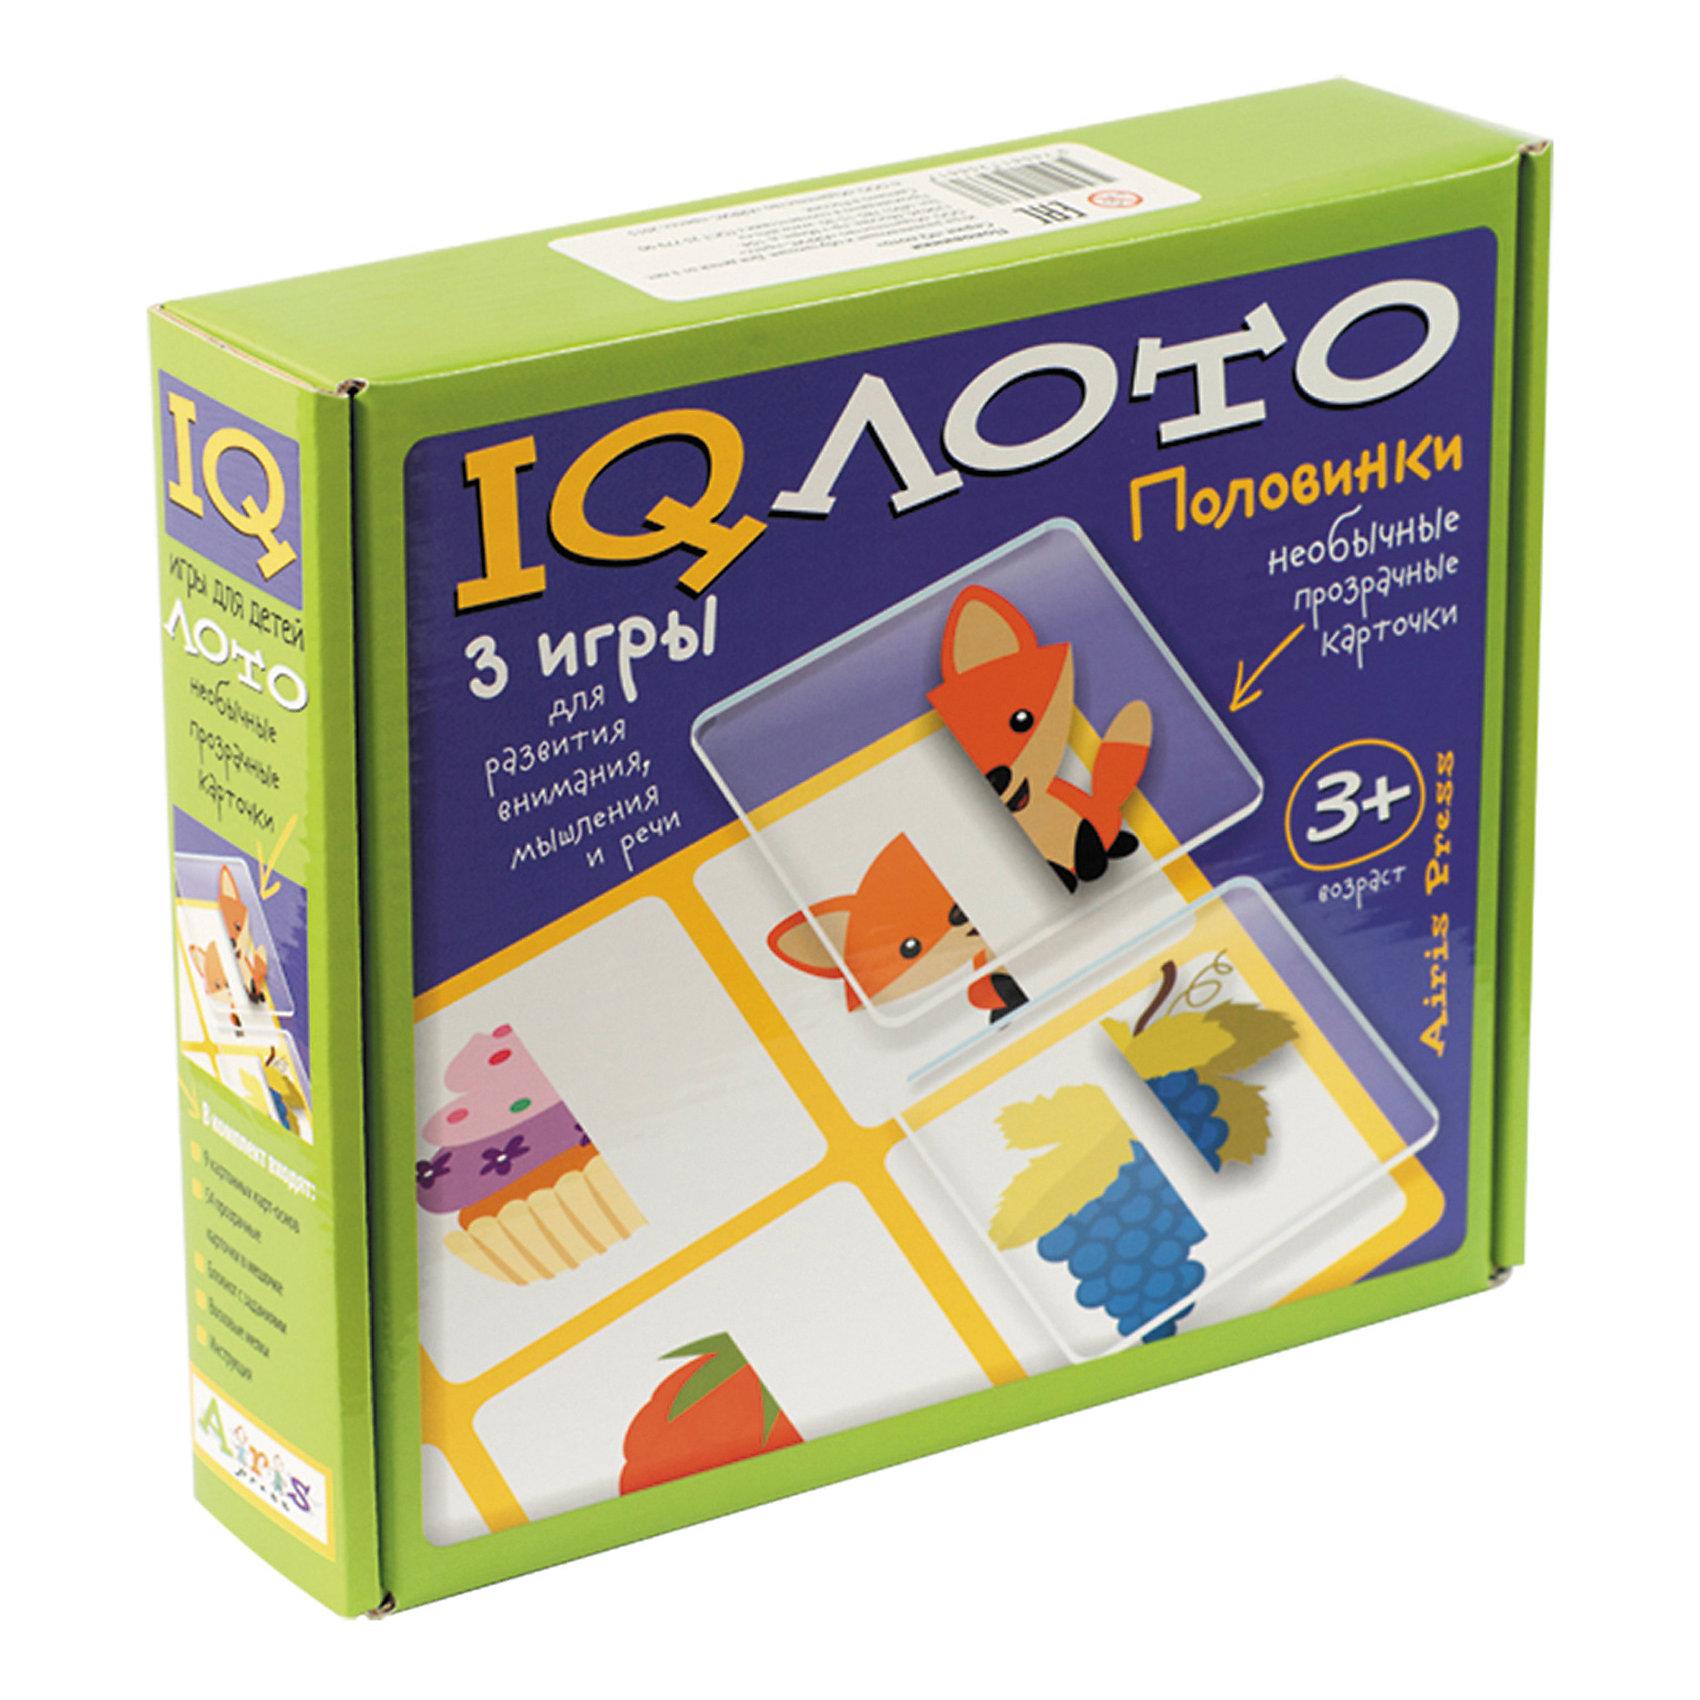 Лото Половинки, комплект из трех игр, 3+Лото<br>Характеристики товара:<br><br>• возраст: от 3 лет<br>• комплектация: 9 картонных двухсторонних карт с рисунками; 54 прозрачные пластиковые карточки в мешочке; блокнот с творческими заданиями; набор цветных восковых мелков.<br>• производитель: Айрис-пресс<br>• серия: IQ лото<br>• упаковка: картонная коробка<br>• размер упаковки: 20,8х24,4х5,2 см.<br>• вес: 470 гр.<br><br>Набор «Половинки» – это комплект из трёх развивающих игр. В него входят 9 картонных двухсторонних карт с рисунками, 54 прозрачные пластиковые карточки в мешочке, блокнот с творческими заданиями и набор цветных восковых мелков.<br>  <br>Играя в интеллектуальное лото, ребёнок учится сопоставлять часть и целое, узнаёт, что такое симметрия и асимметрия, развивает умение сравнивать и группировать (суть игры: подобрать половинки, изображенные на прозрачных карточках к половинкам на картонных карточках). Выполняя задания игры-головоломки, он тренирует внимание и память, воображение и речь, а раскрашивая раскраски-половинки в блокноте для творчества – закрепляет полученные знания, развивает художественное восприятие и творческие способности.<br><br>Набор идеально подходит как для игры одного ребёнка, так и для работы с группой детей. Многофункциональность и удобство набора позволяют использовать его в детском саду, дома и на отдыхе.<br><br>Лото Половинки, комплект из трех игр, 3+ можно купить в нашем интернет-магазине.<br><br>Ширина мм: 55<br>Глубина мм: 232<br>Высота мм: 205<br>Вес г: 100<br>Возраст от месяцев: 36<br>Возраст до месяцев: 48<br>Пол: Унисекс<br>Возраст: Детский<br>SKU: 6849577